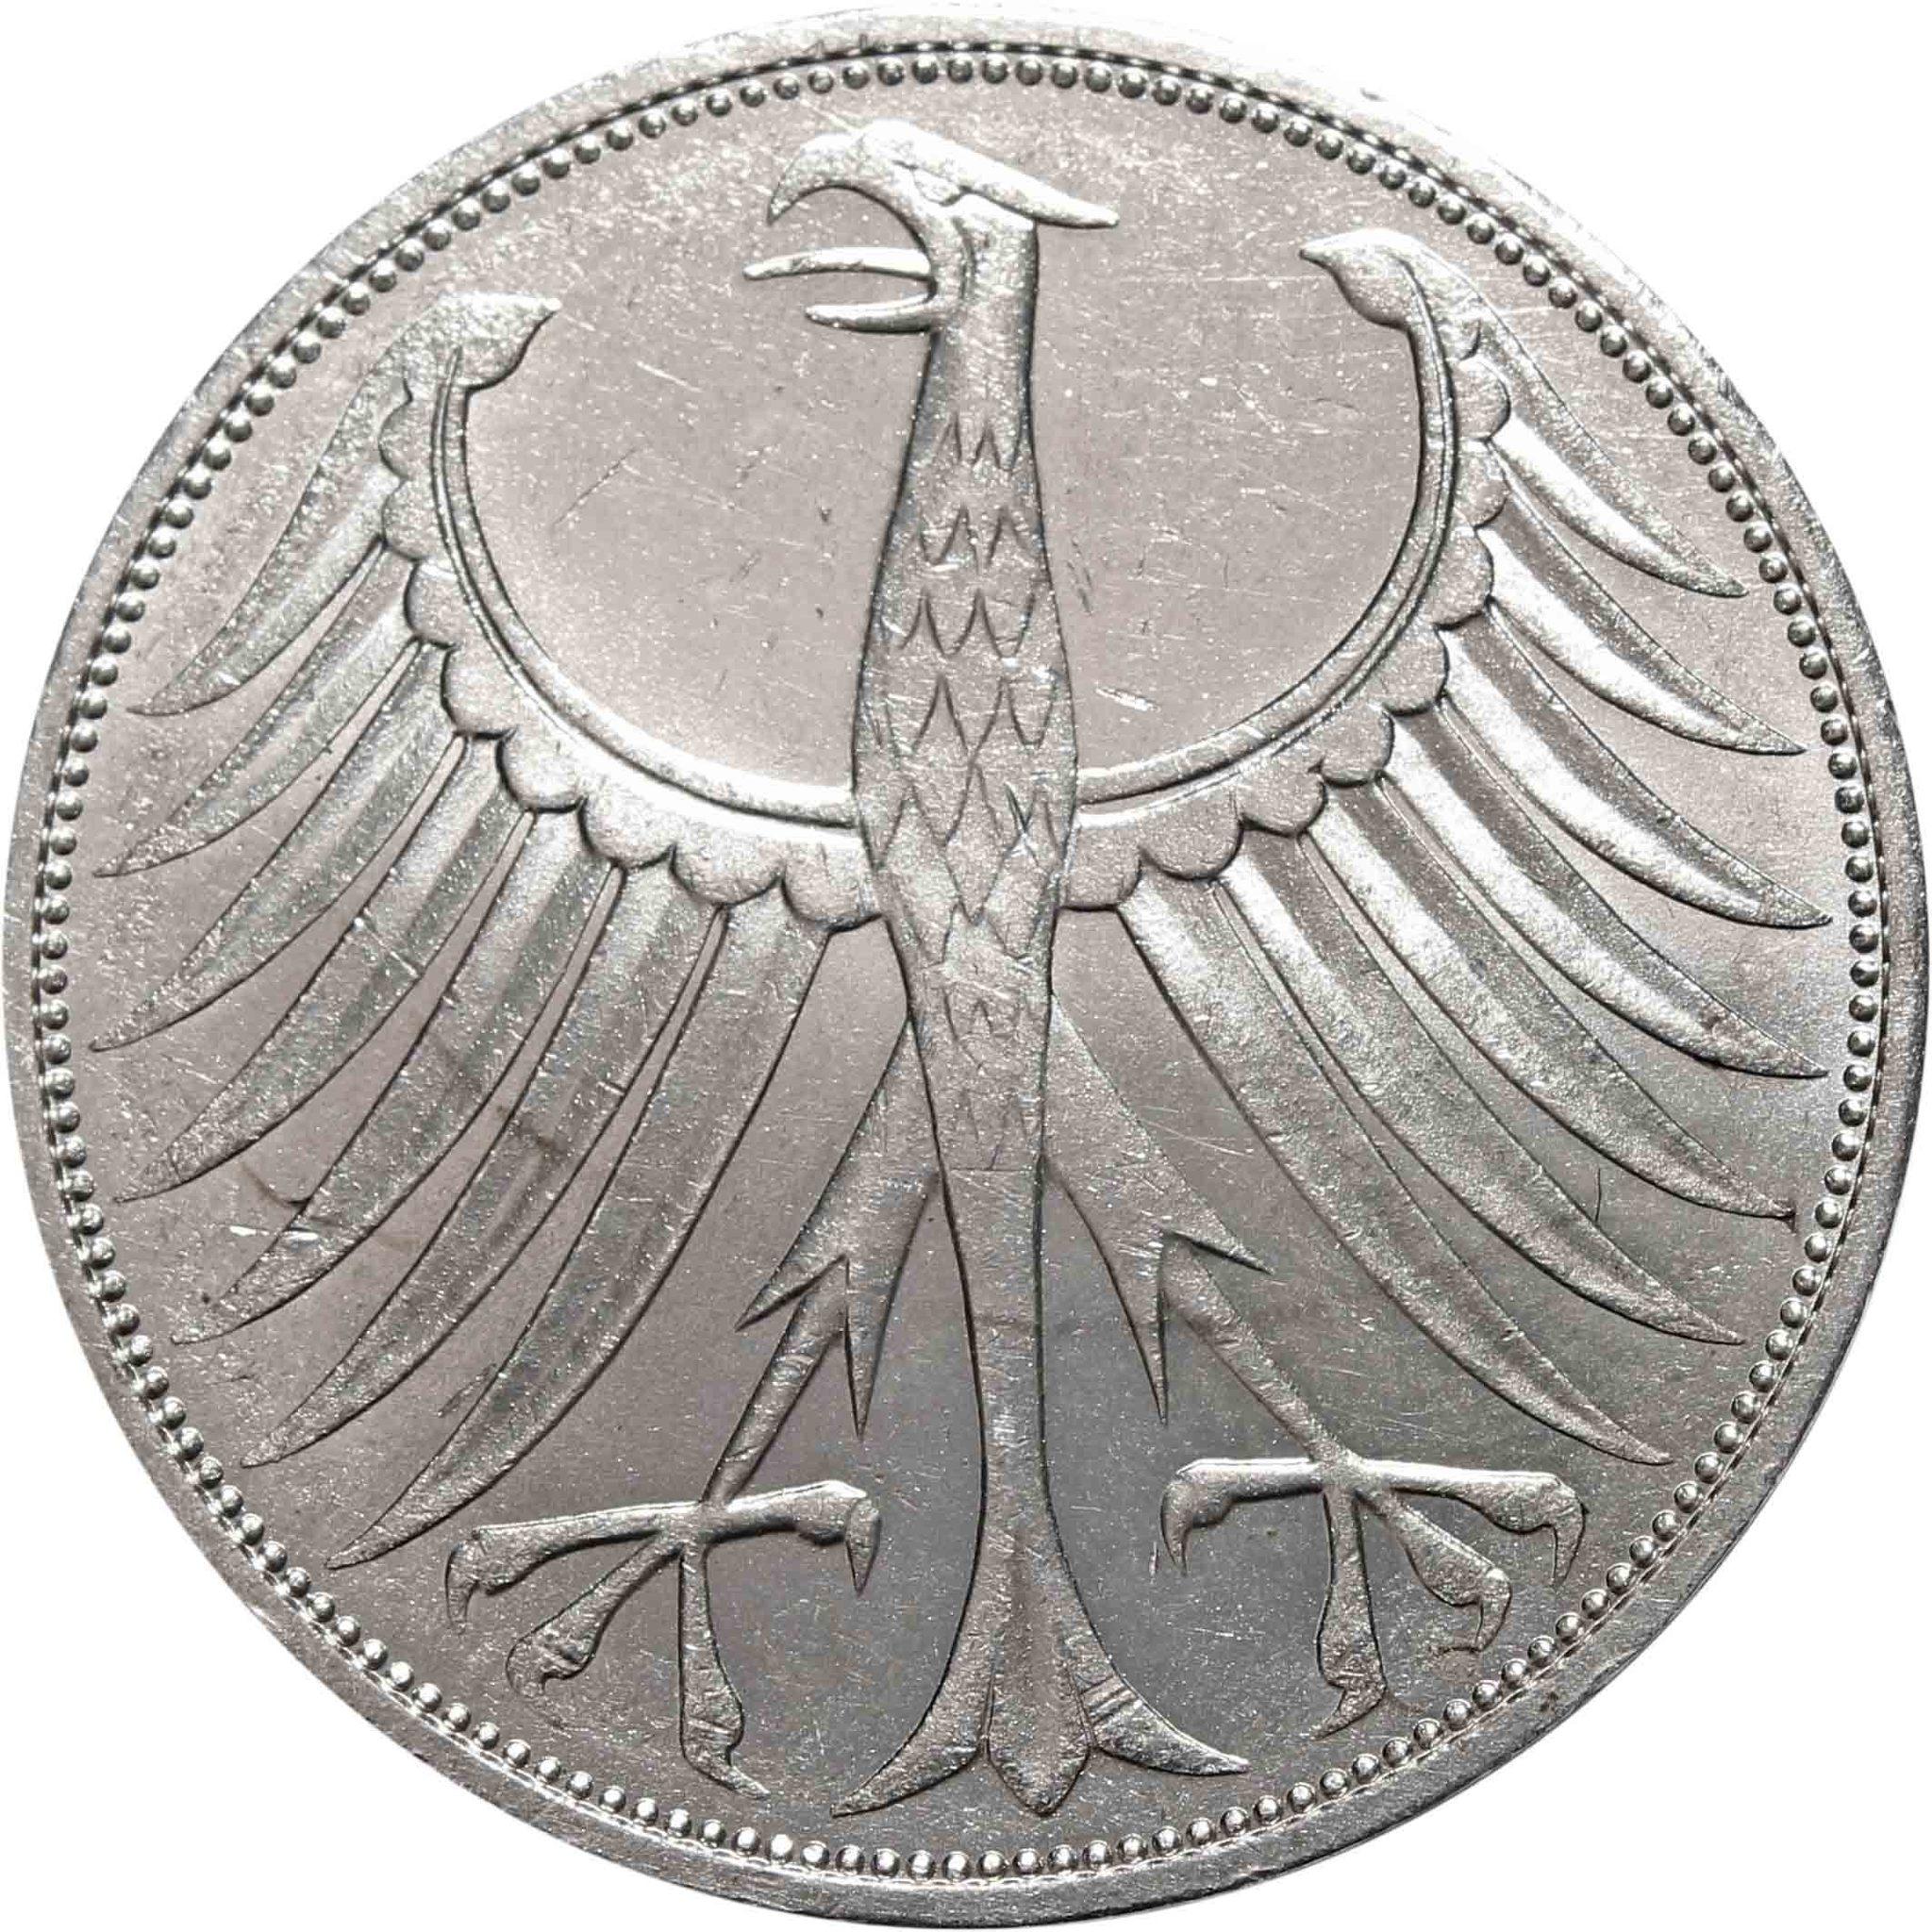 5 марок. Германия. (J). Серебро. 1974 год. XF-AU